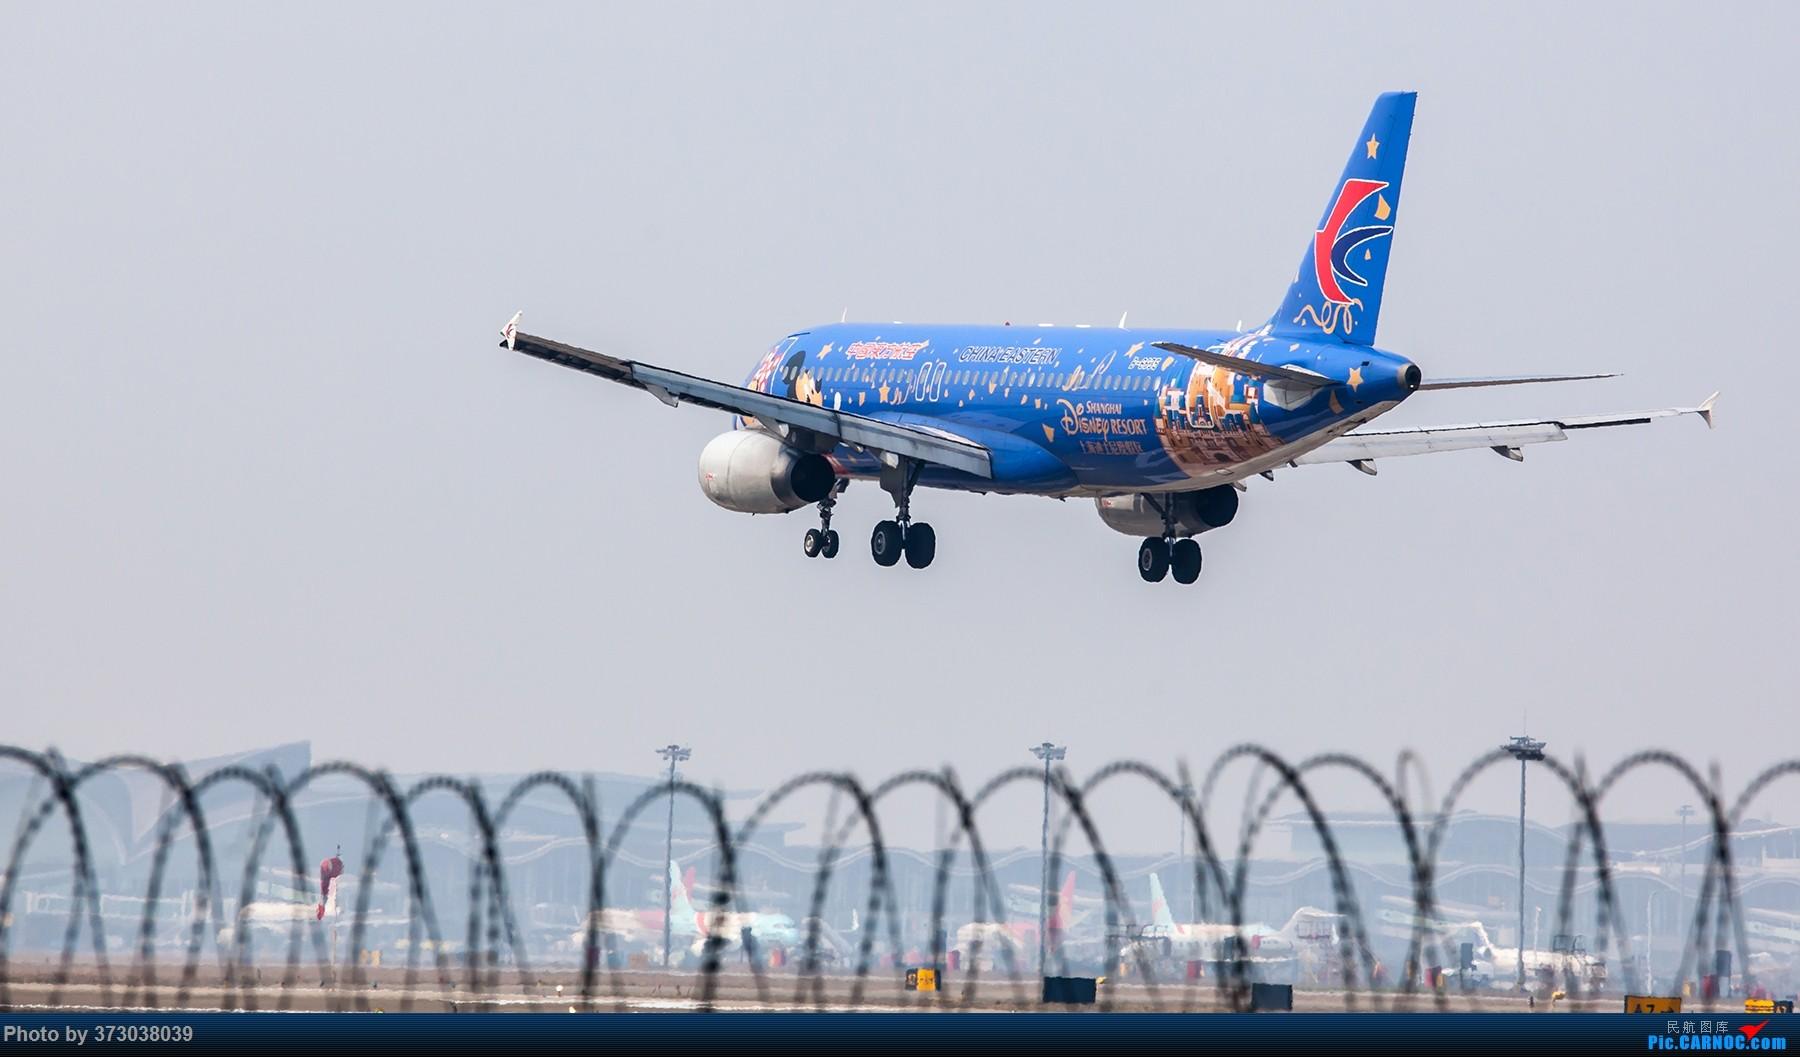 Re:[原创]【杭州飞友会】A320Neo迪士尼杭州萧山机场拍机班门弄斧记 AIRBUS A320-200 B-6635 中国杭州萧山国际机场